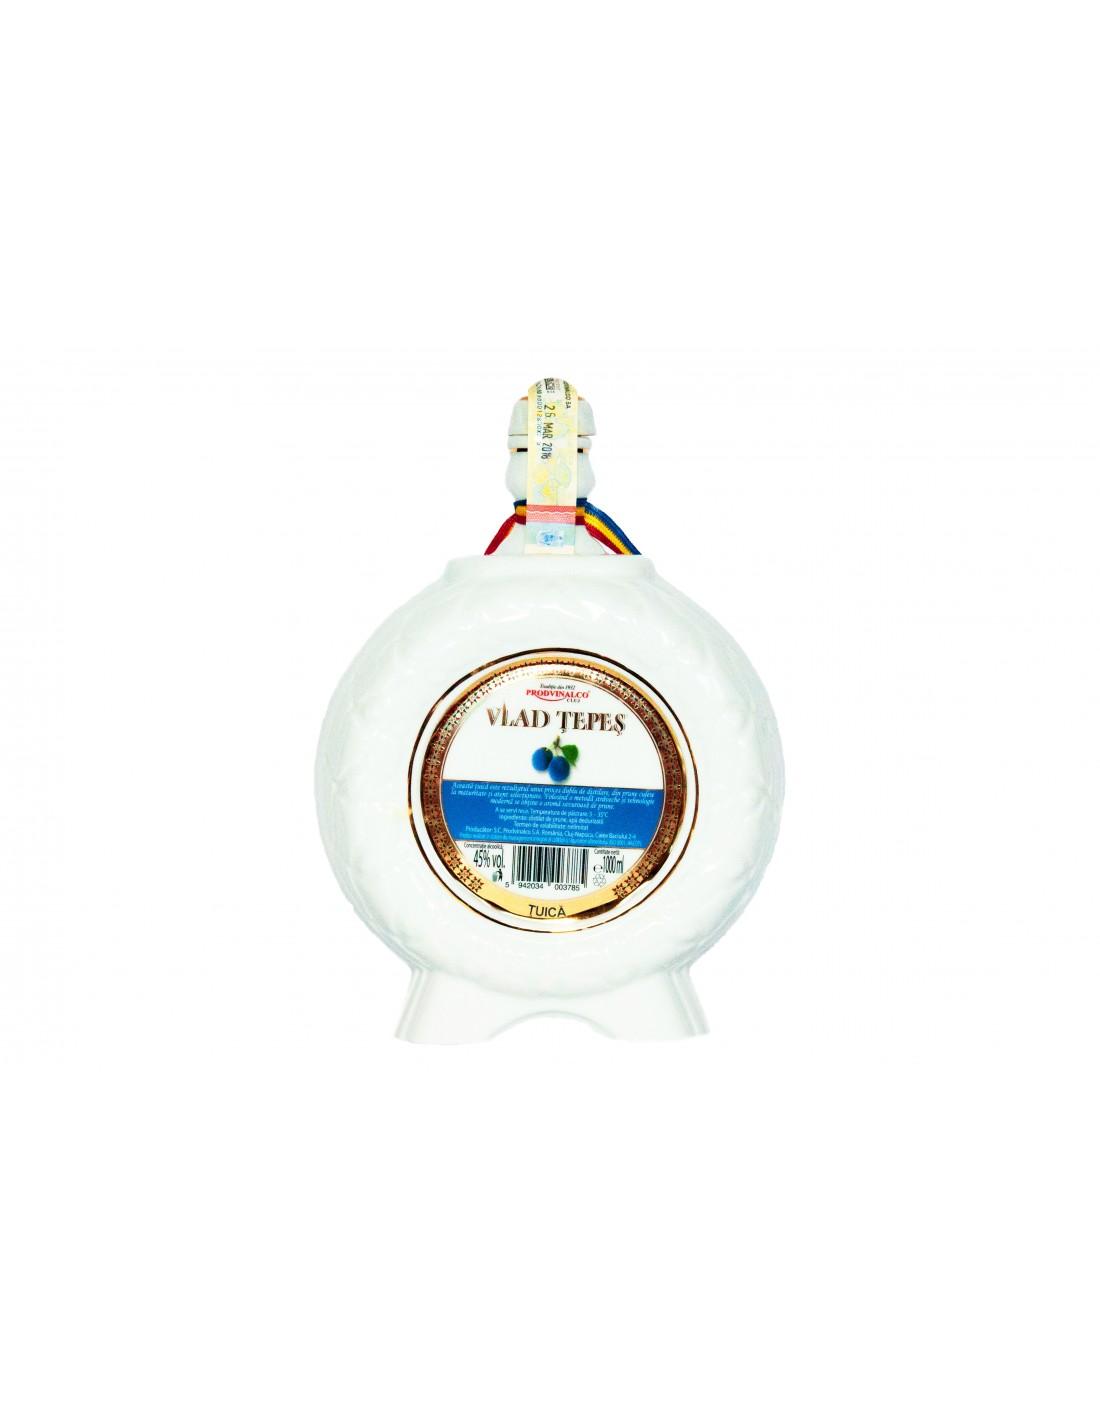 Tuica de prune Vlad Tepes, 45% alc., 1L, Romania